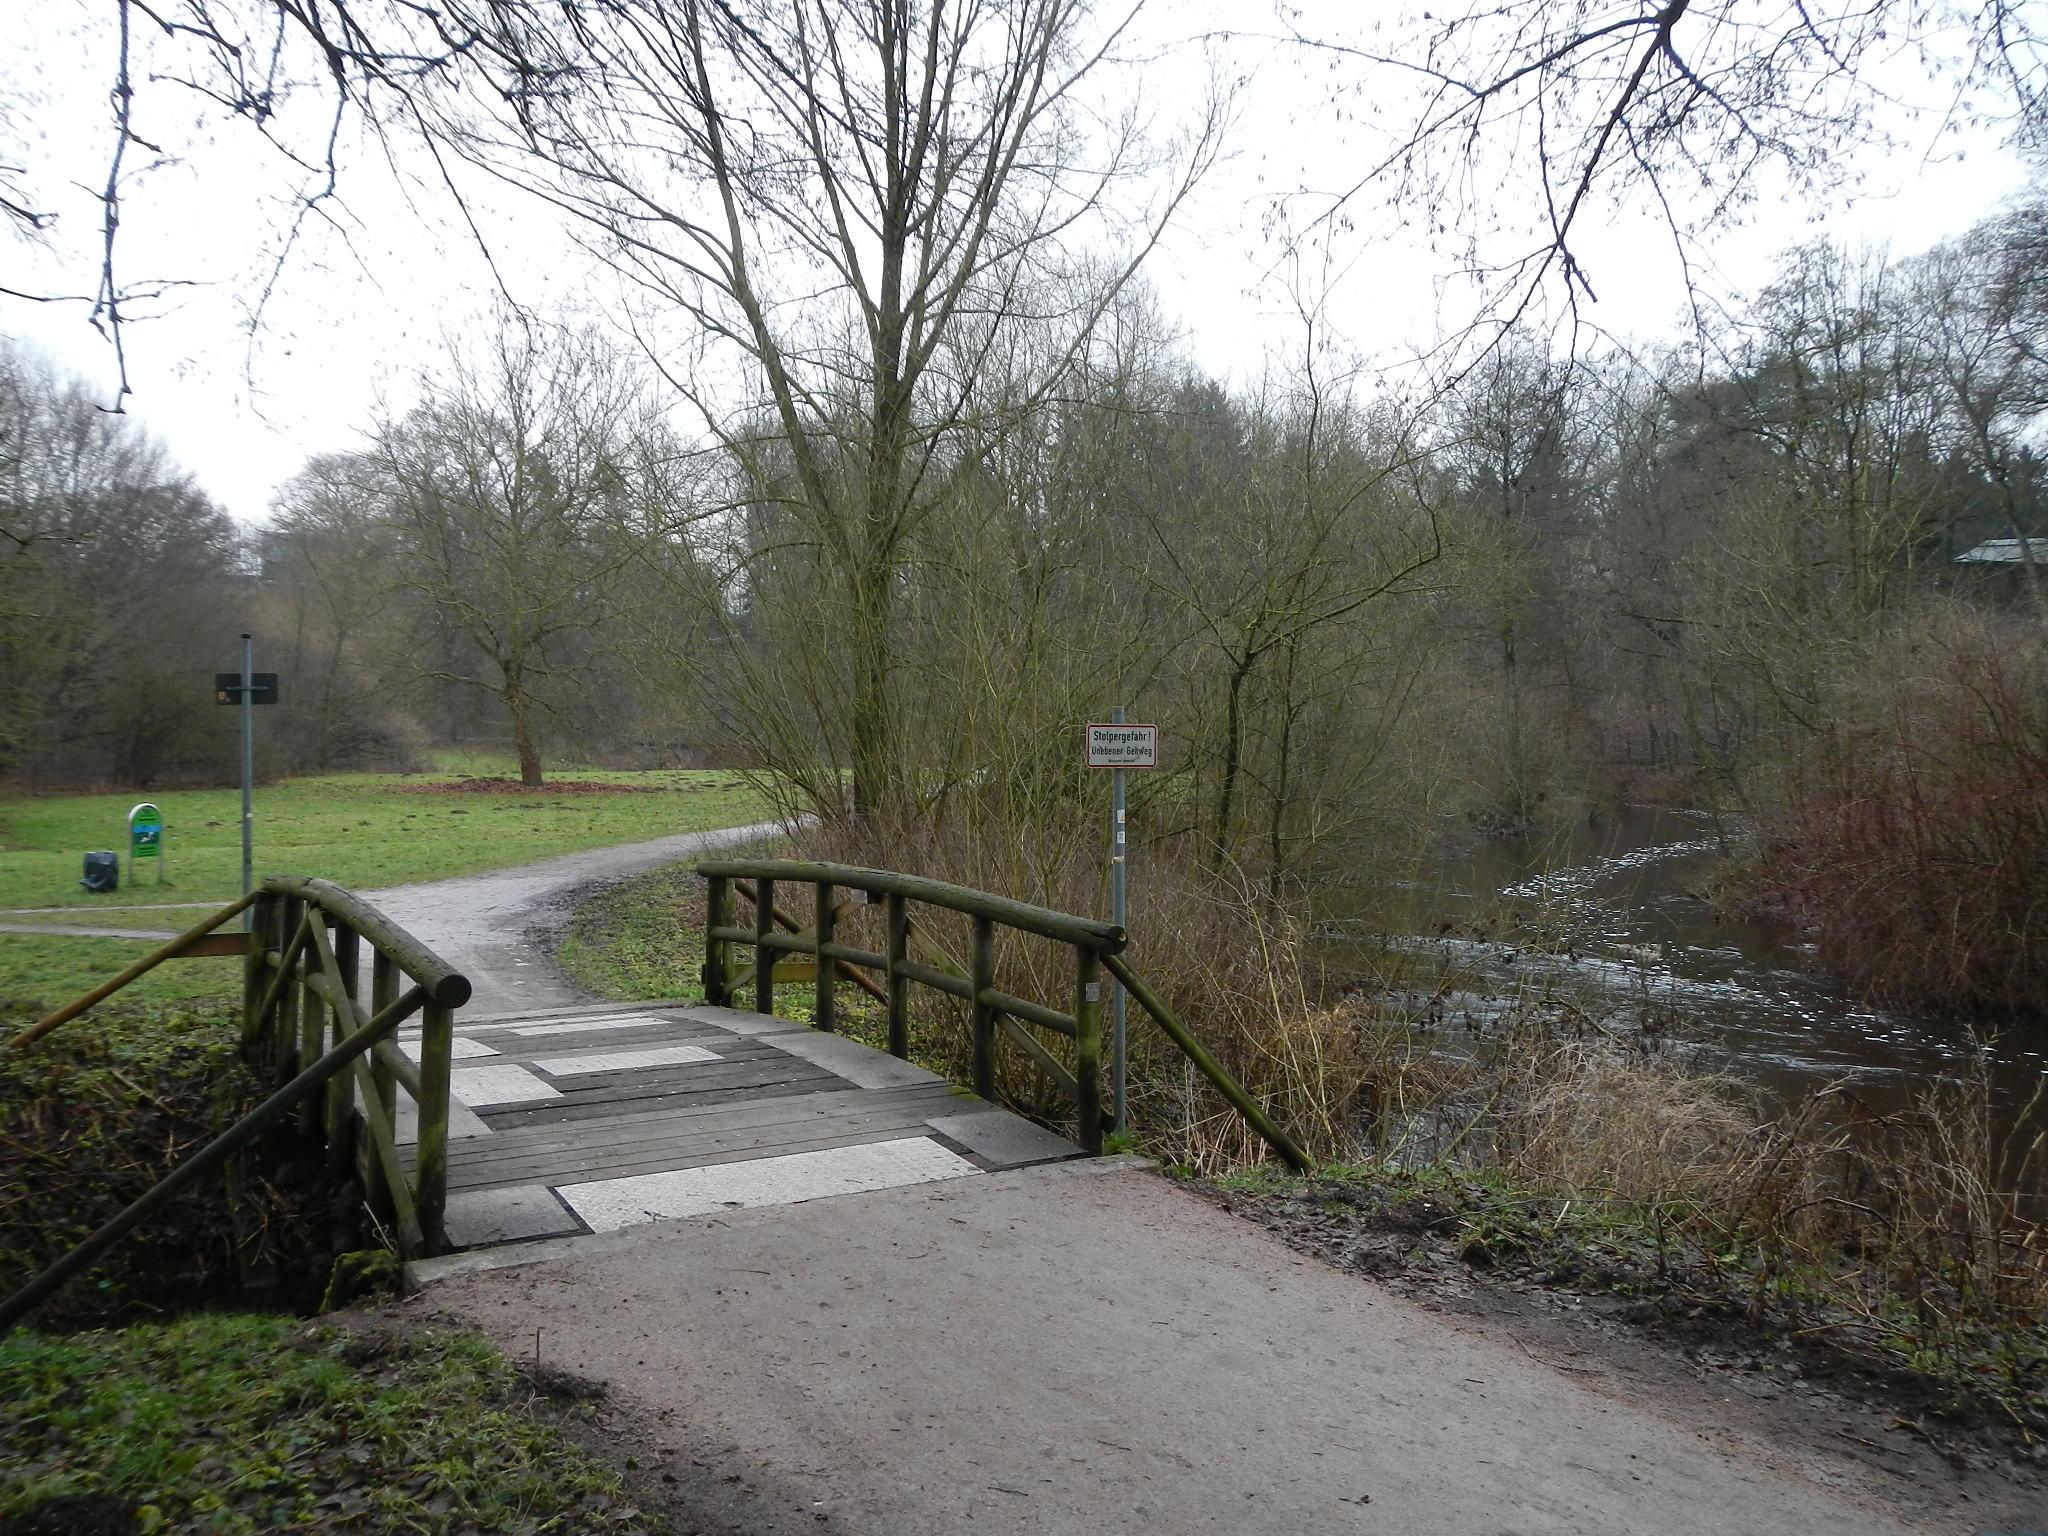 An der Beteiligungsstrecke: Die Brücke über die Minsbek. in der Alster markieren die Schaumkronen den Stromstrich - den Bereich schnellster Strömung an der Oberfläche.